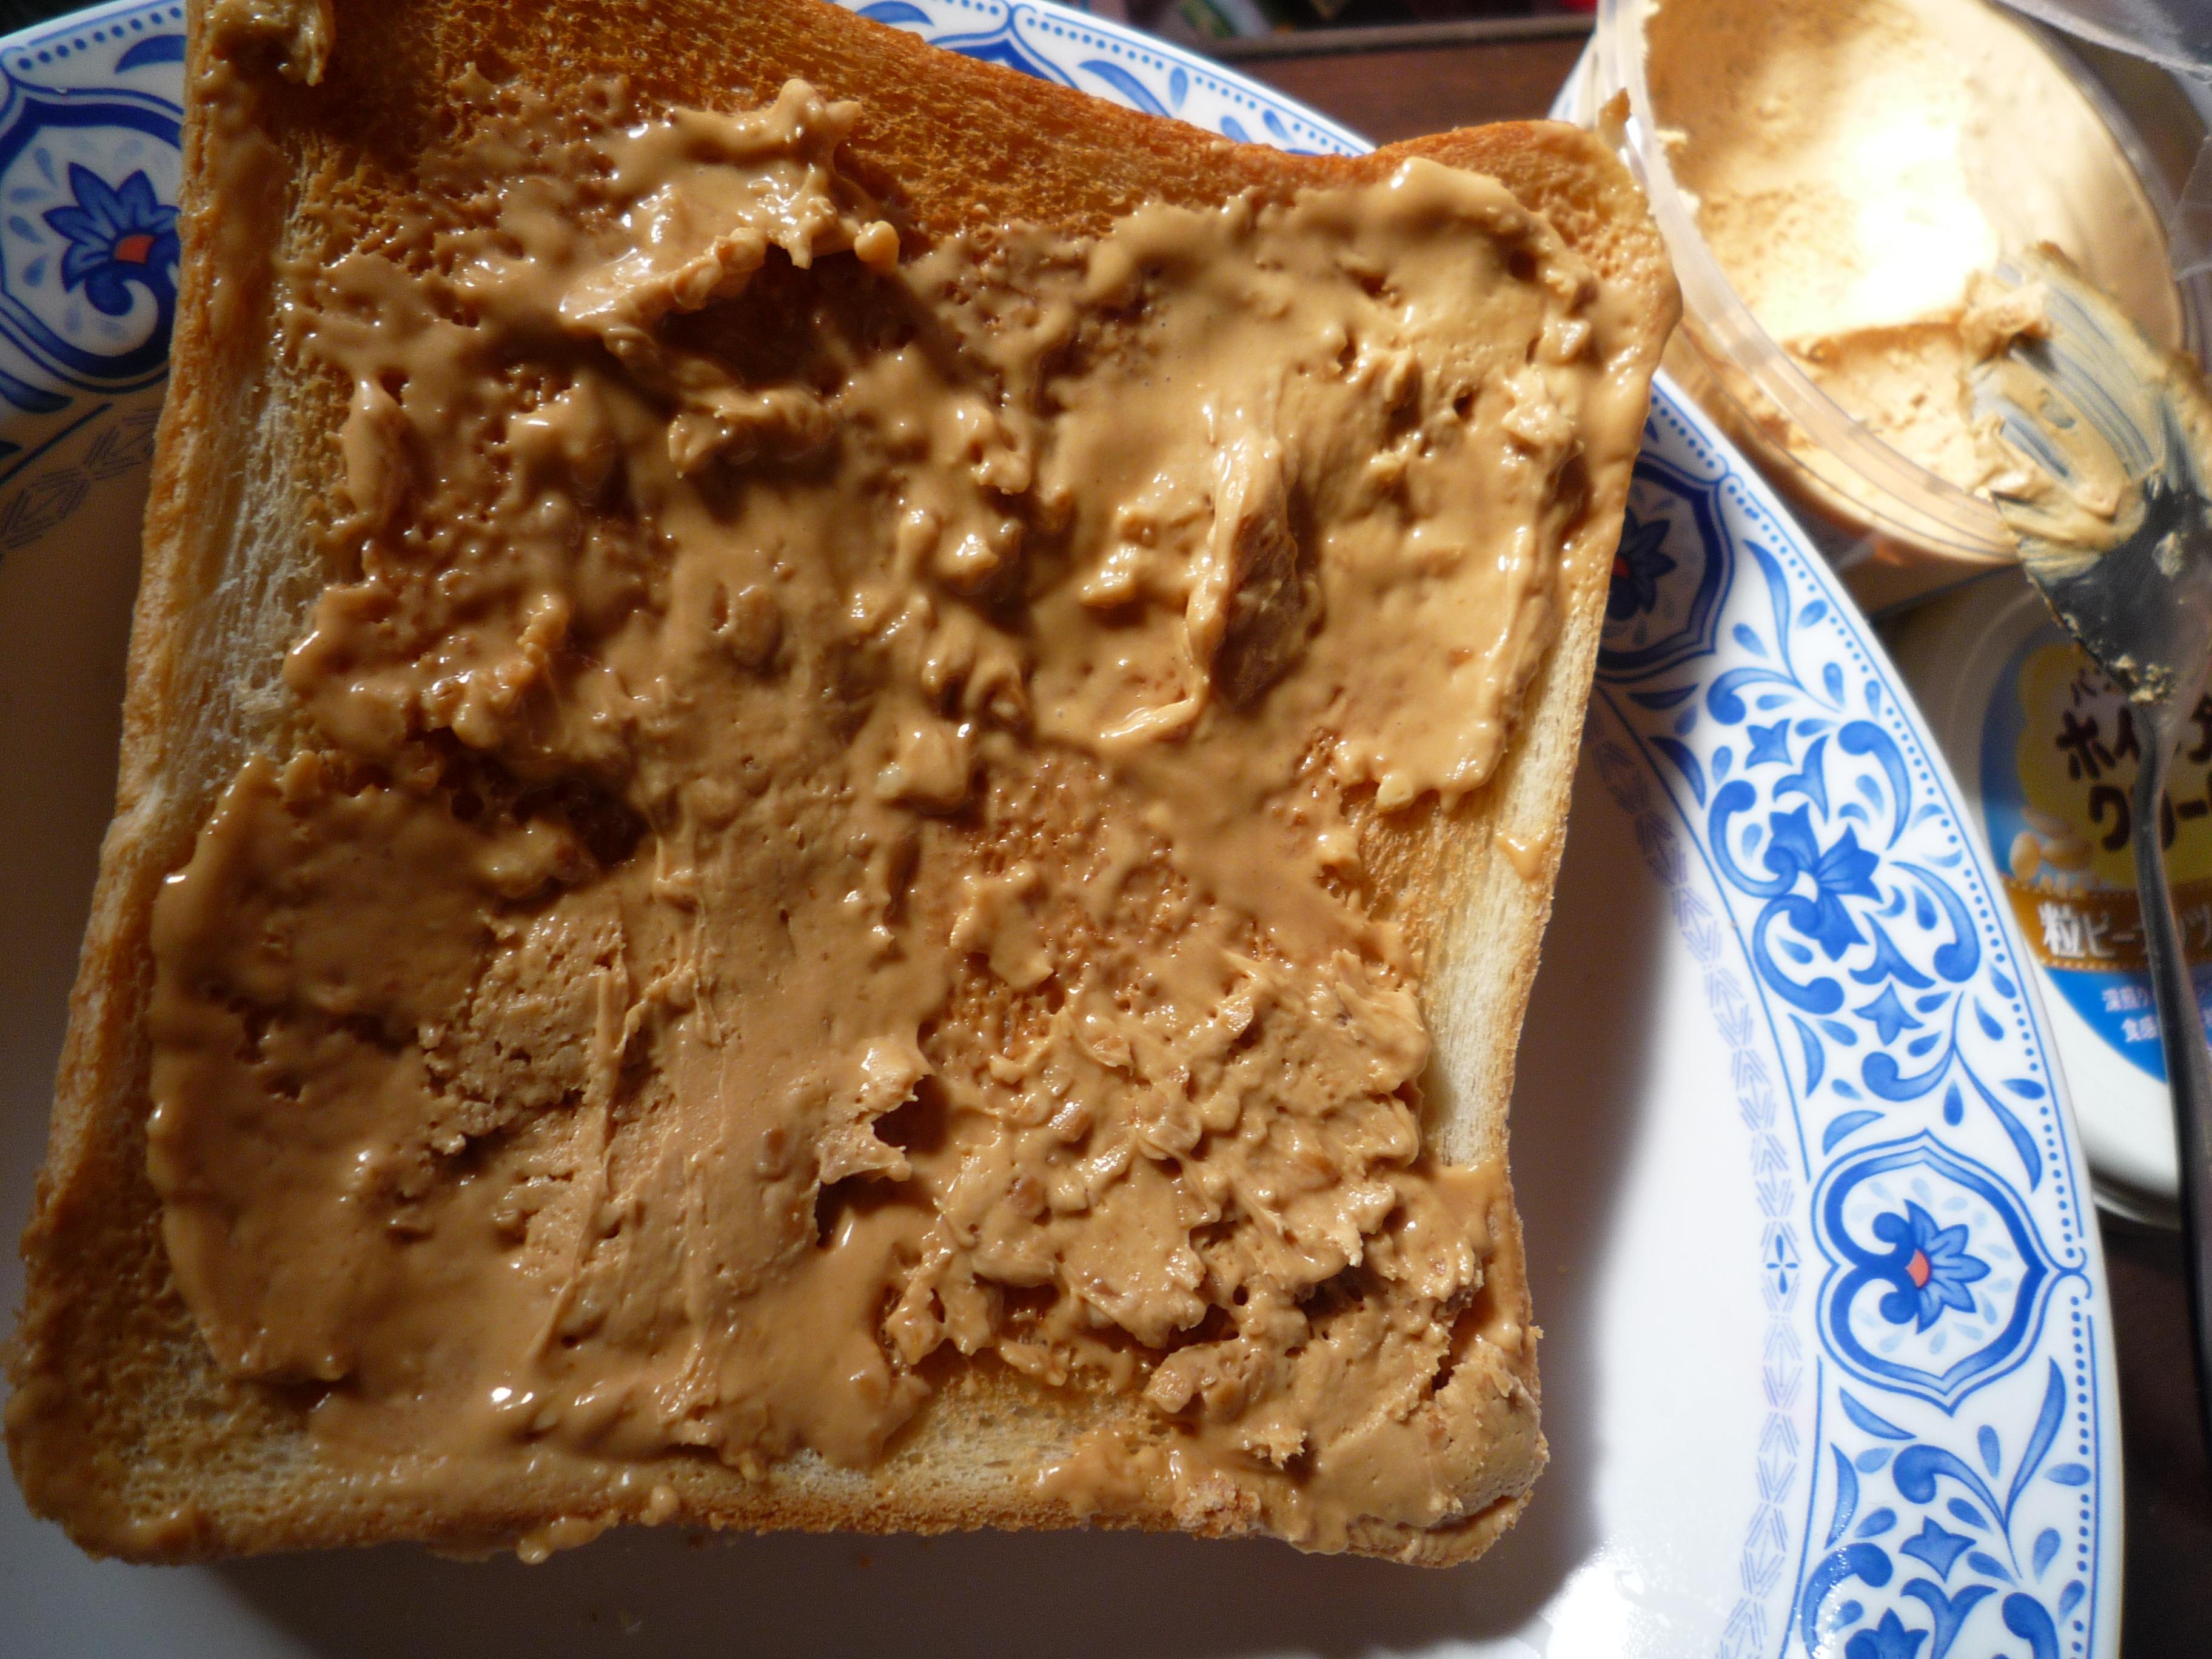 ソントン パンにぬるホイップクリーム 粒ピーナッツ パン